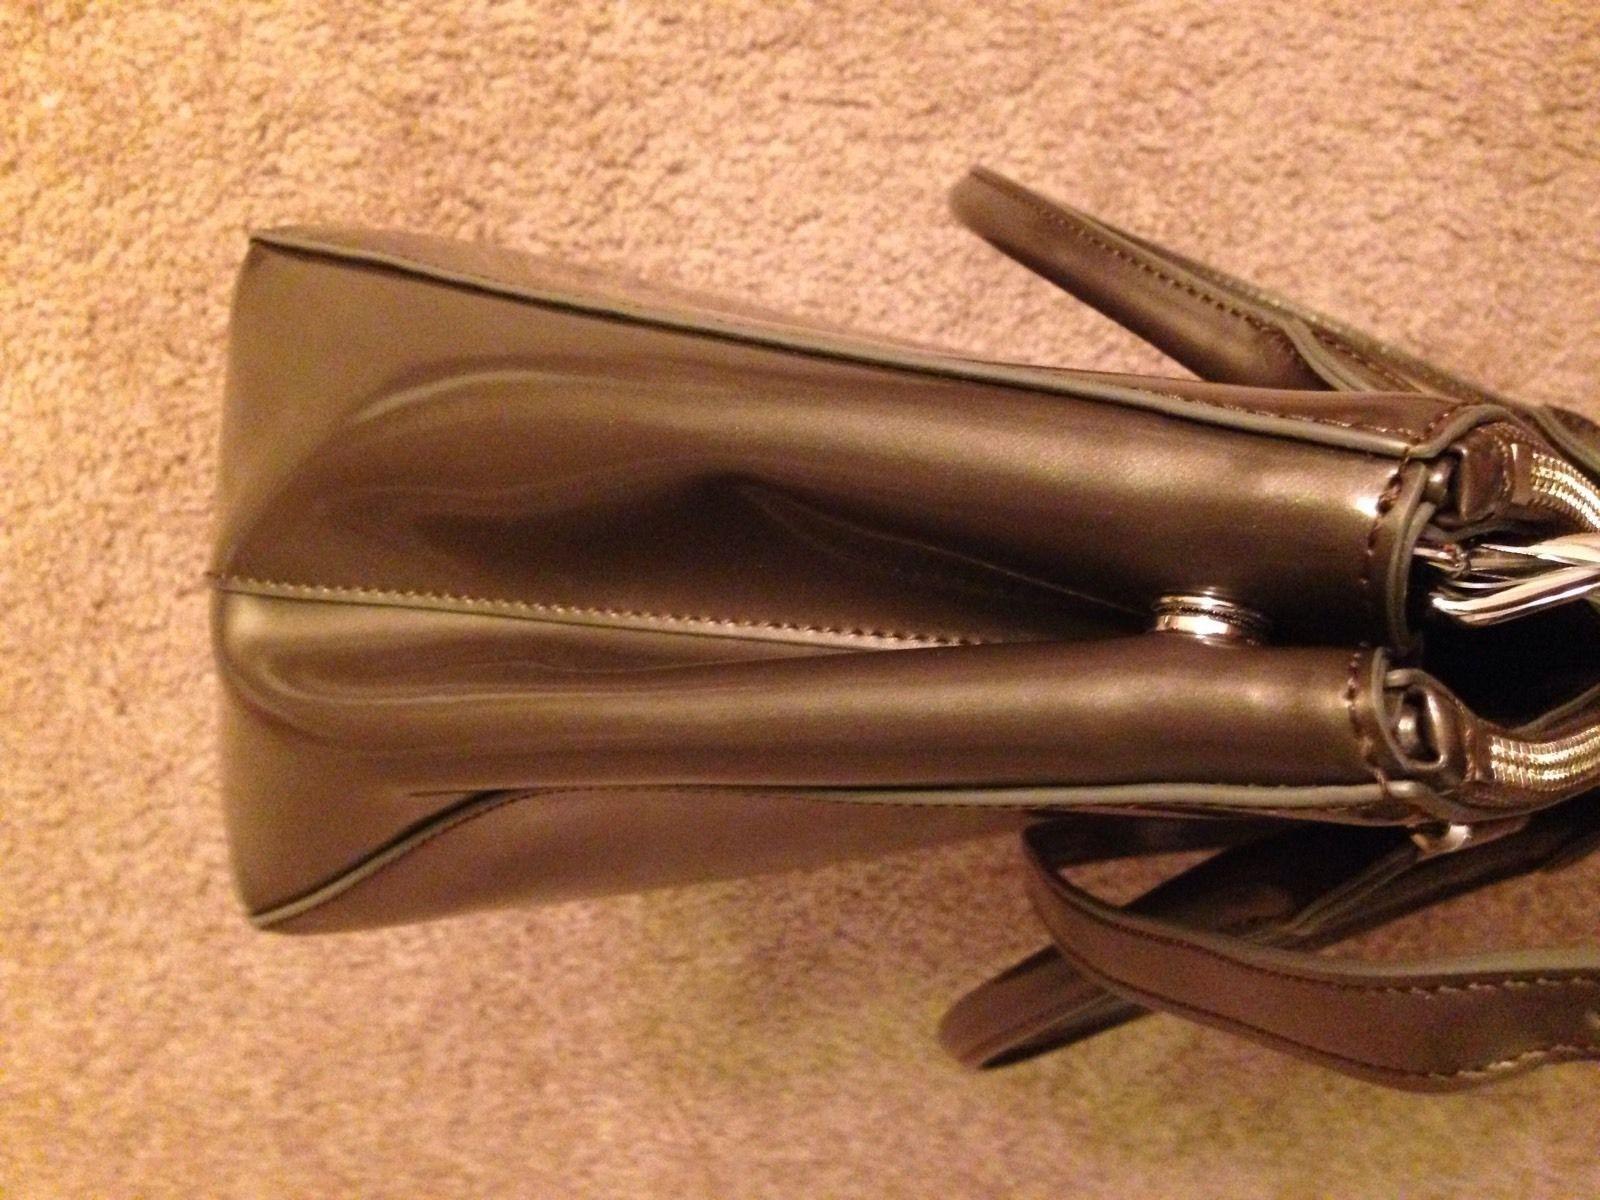 NWOT  298 Ralph Lauren Handbag Newbury Double Zip Satchel Leather - Dark  Gray 9a9e6f81714fb